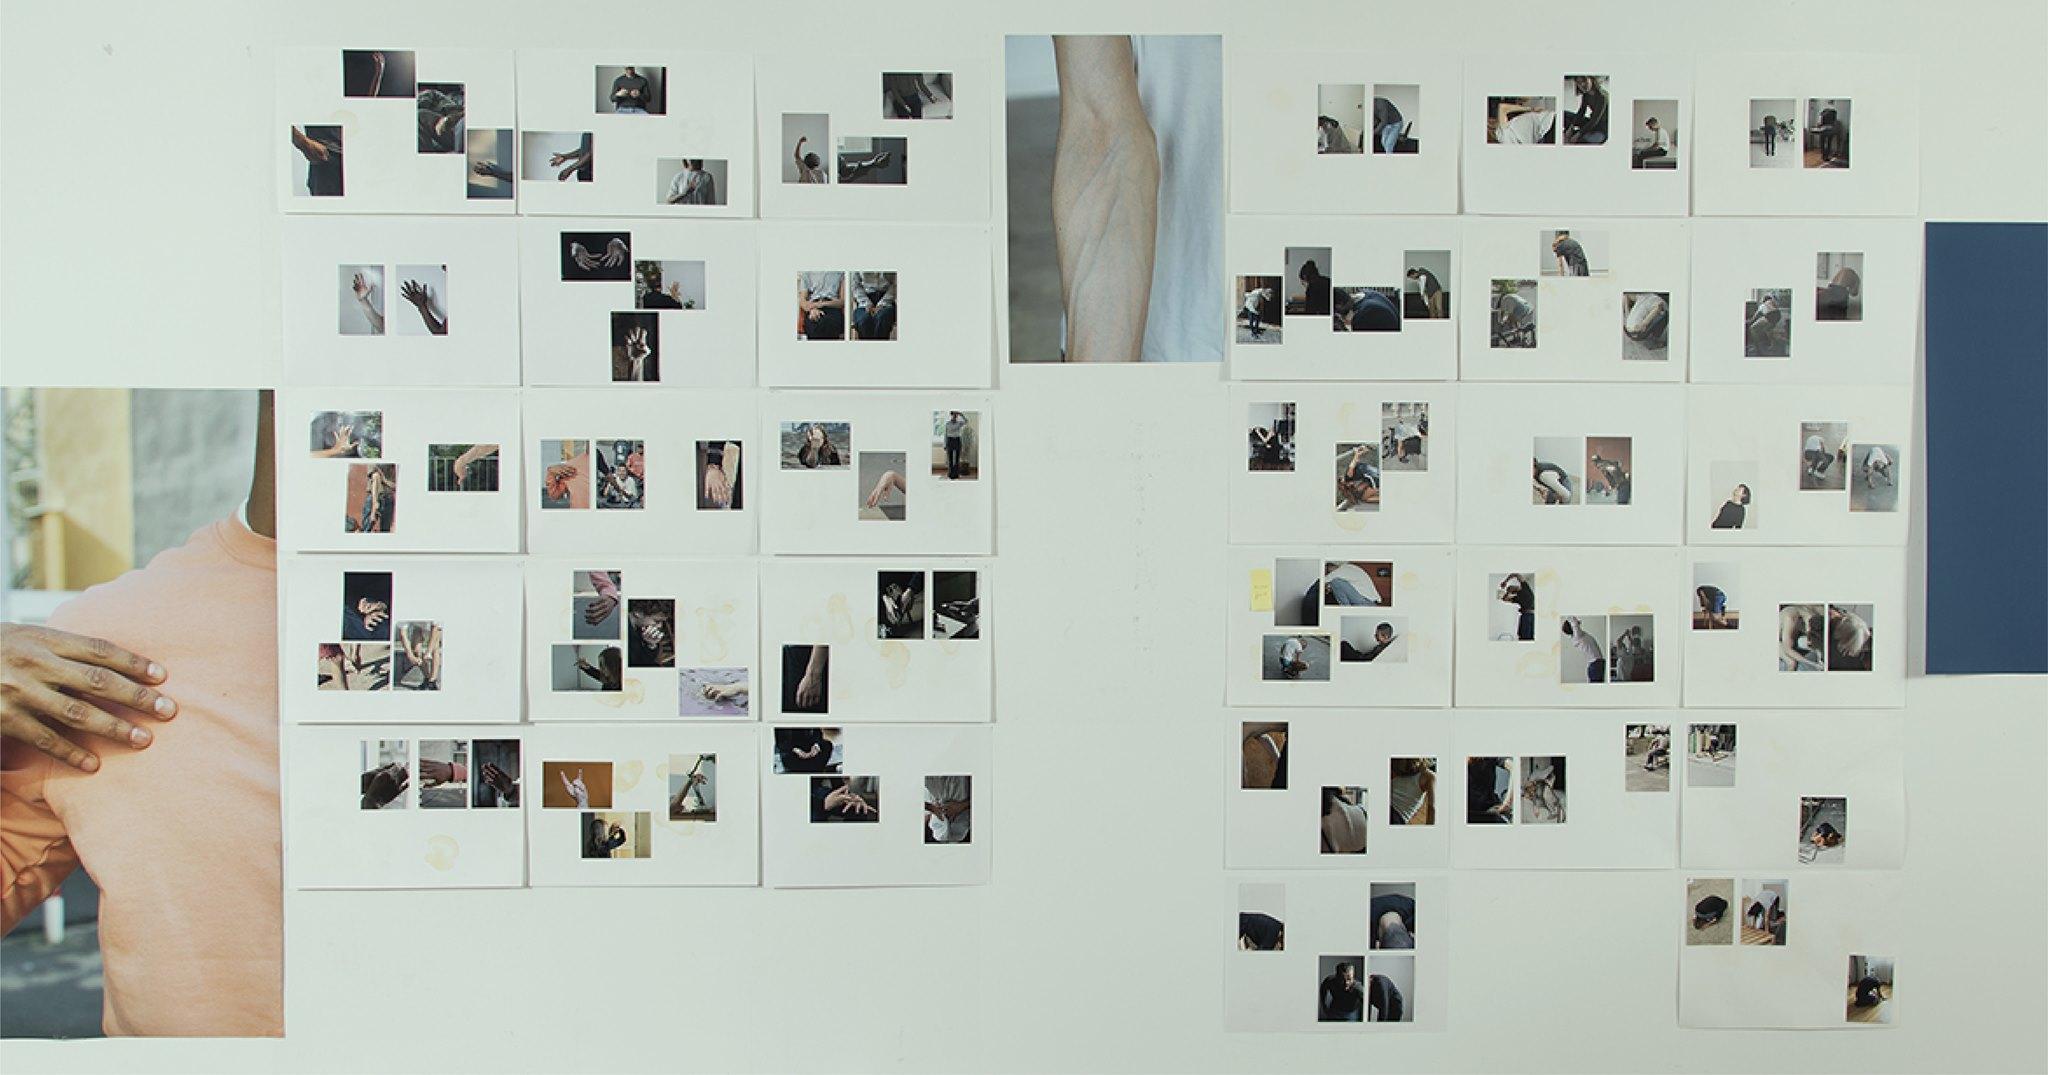 Masterclass - Gesture Studies: Heinz Peter Knes em diálogo